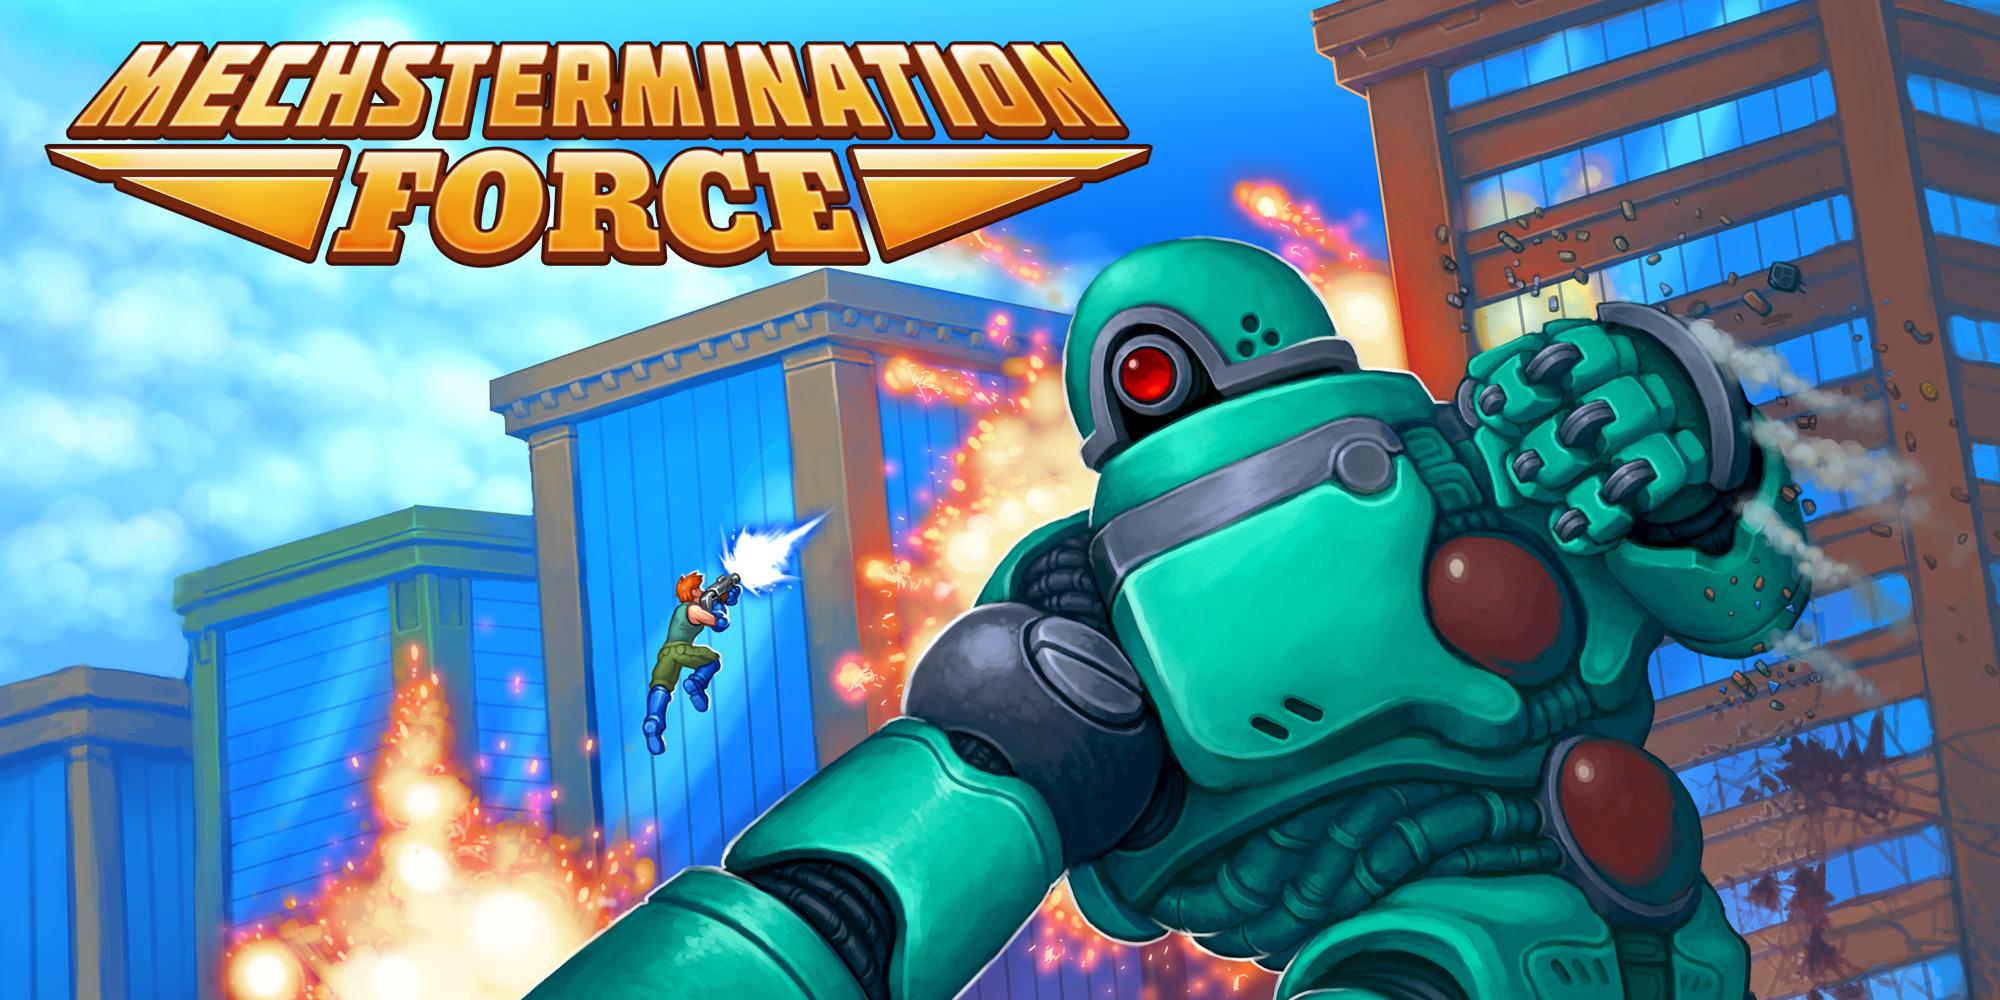 Mechstermination Force sẽ đến Steam vào ngày 22 tháng 5 - Trò chơi, Ảnh chụp màn hình và Đoạn giới thiệu trò chơi 3